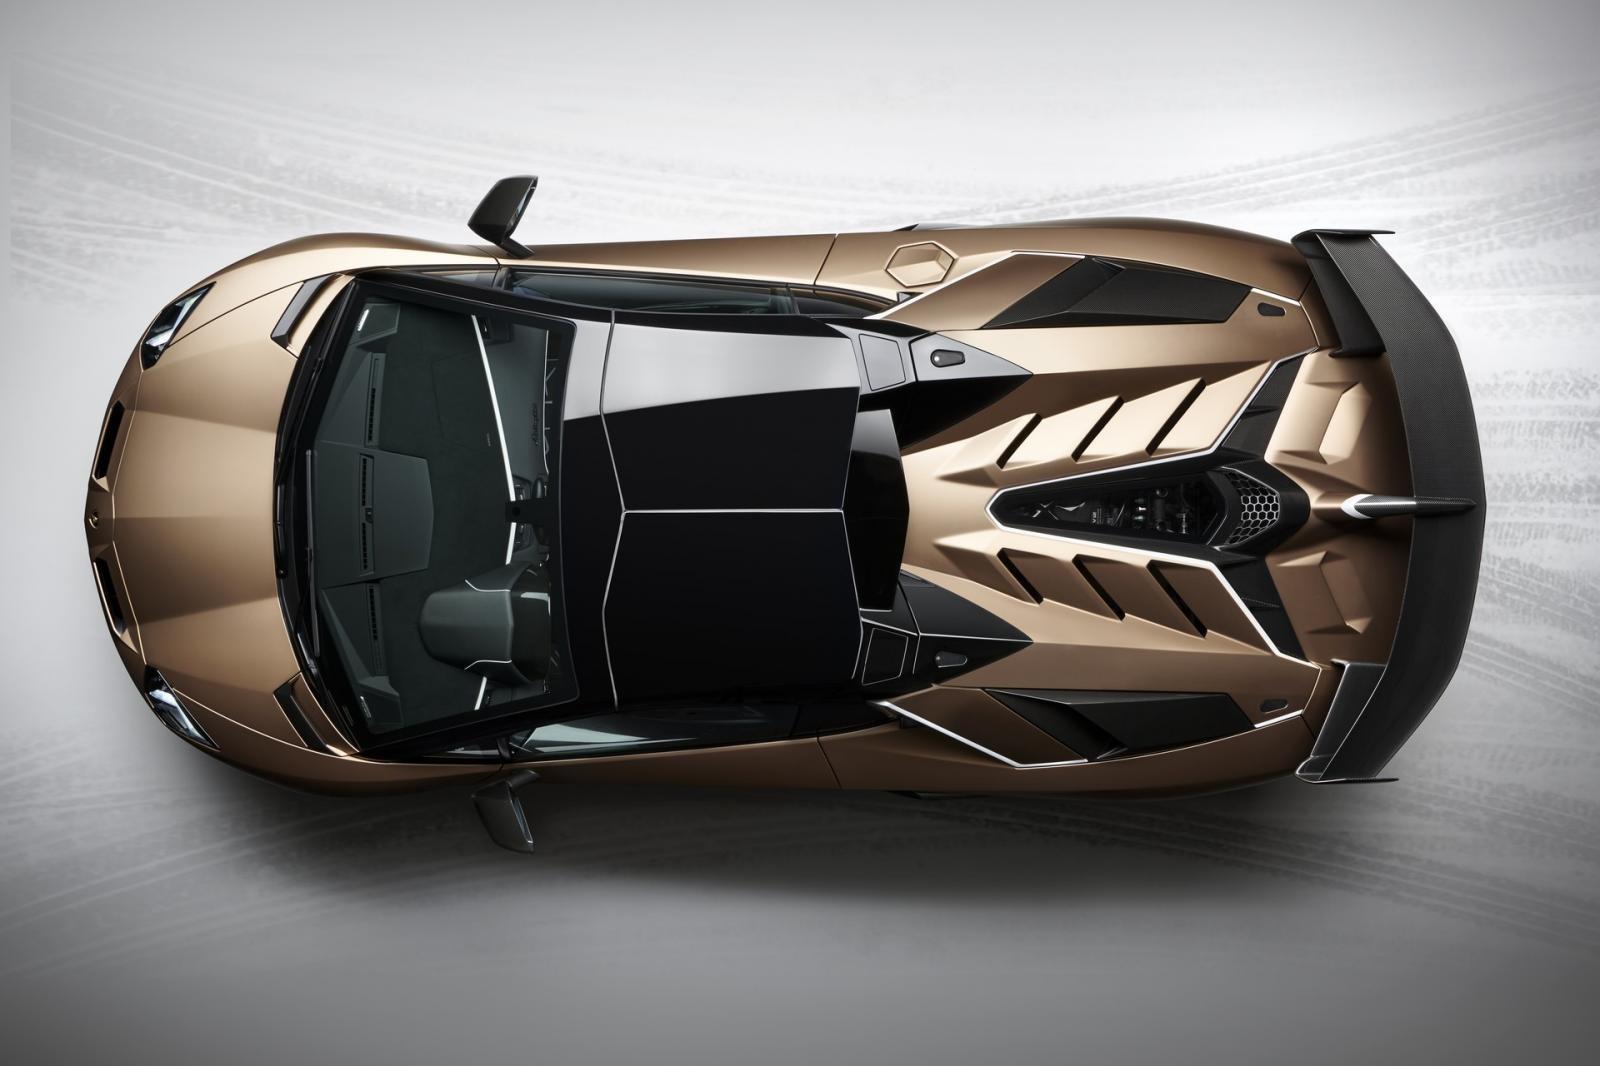 Lamborghini Aventador SVJ mui trần sở hữu mái nhà có thể tháo lắp dễ dàng bằng tay